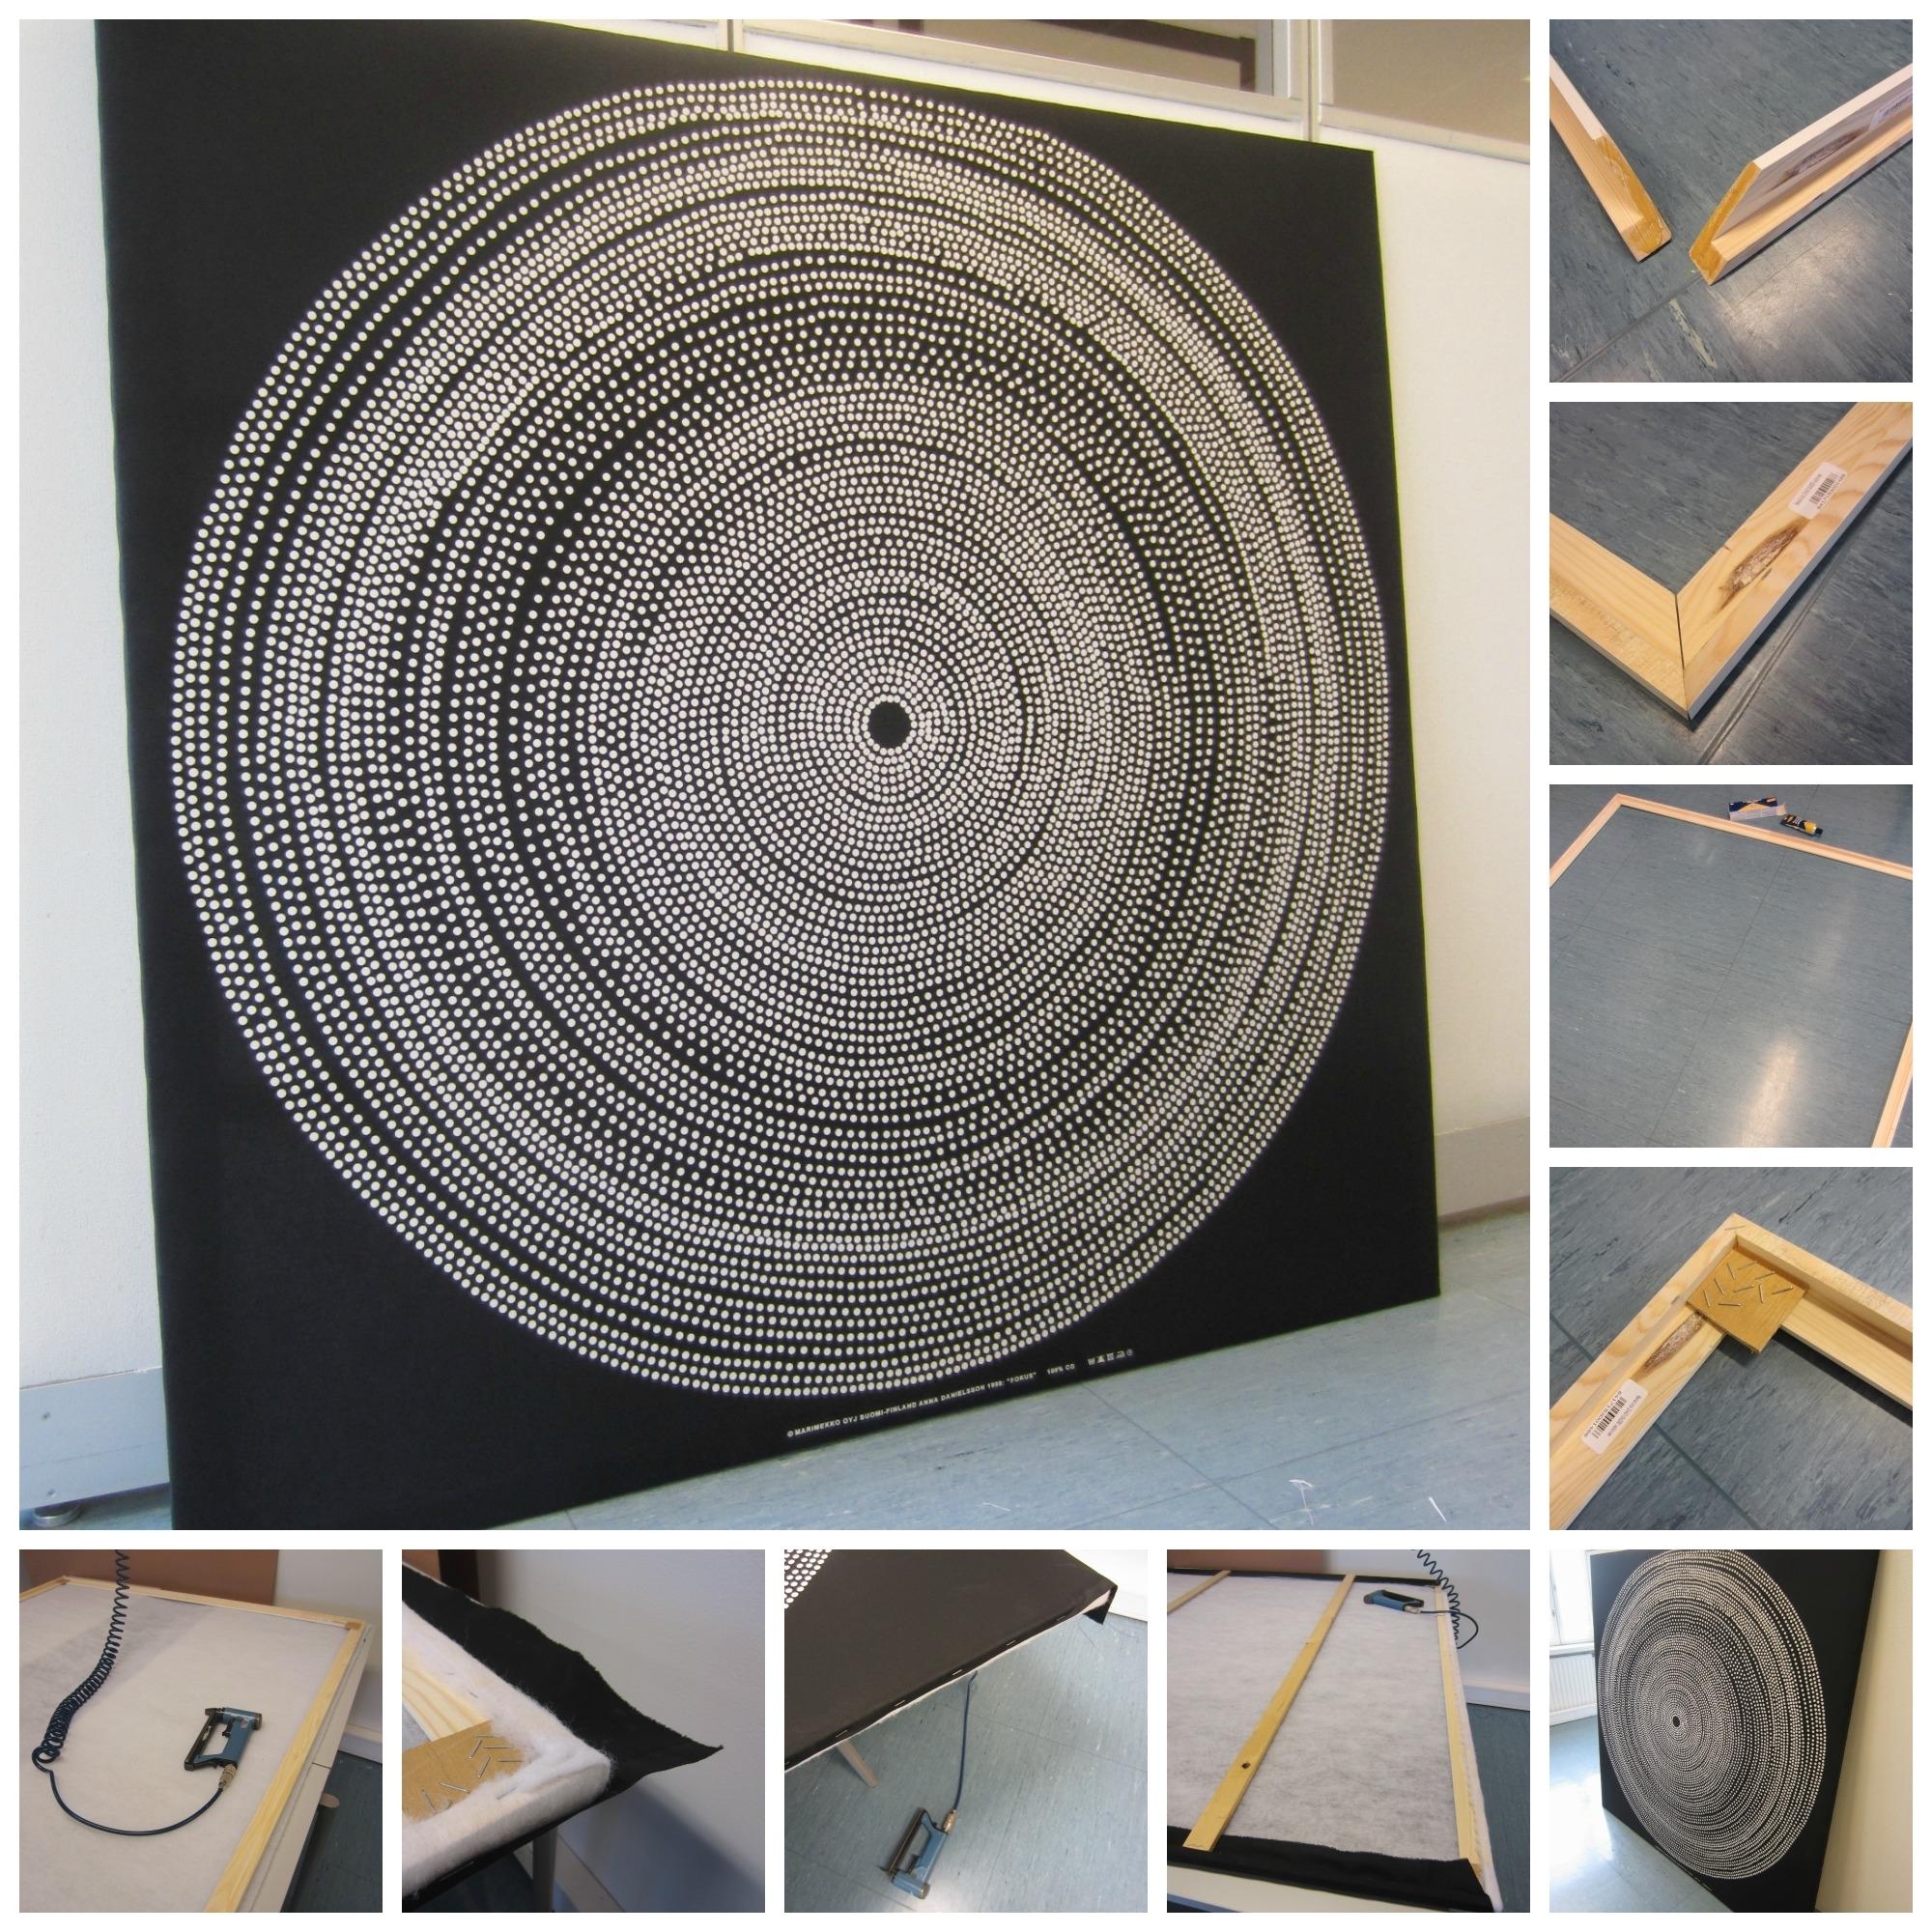 Tee Se Itse Naisen Sisustusblogi: Fabric Board Wall Out Of In 2018 Marimekko 'karkuteilla' Fabric Wall Art (Gallery 11 of 15)